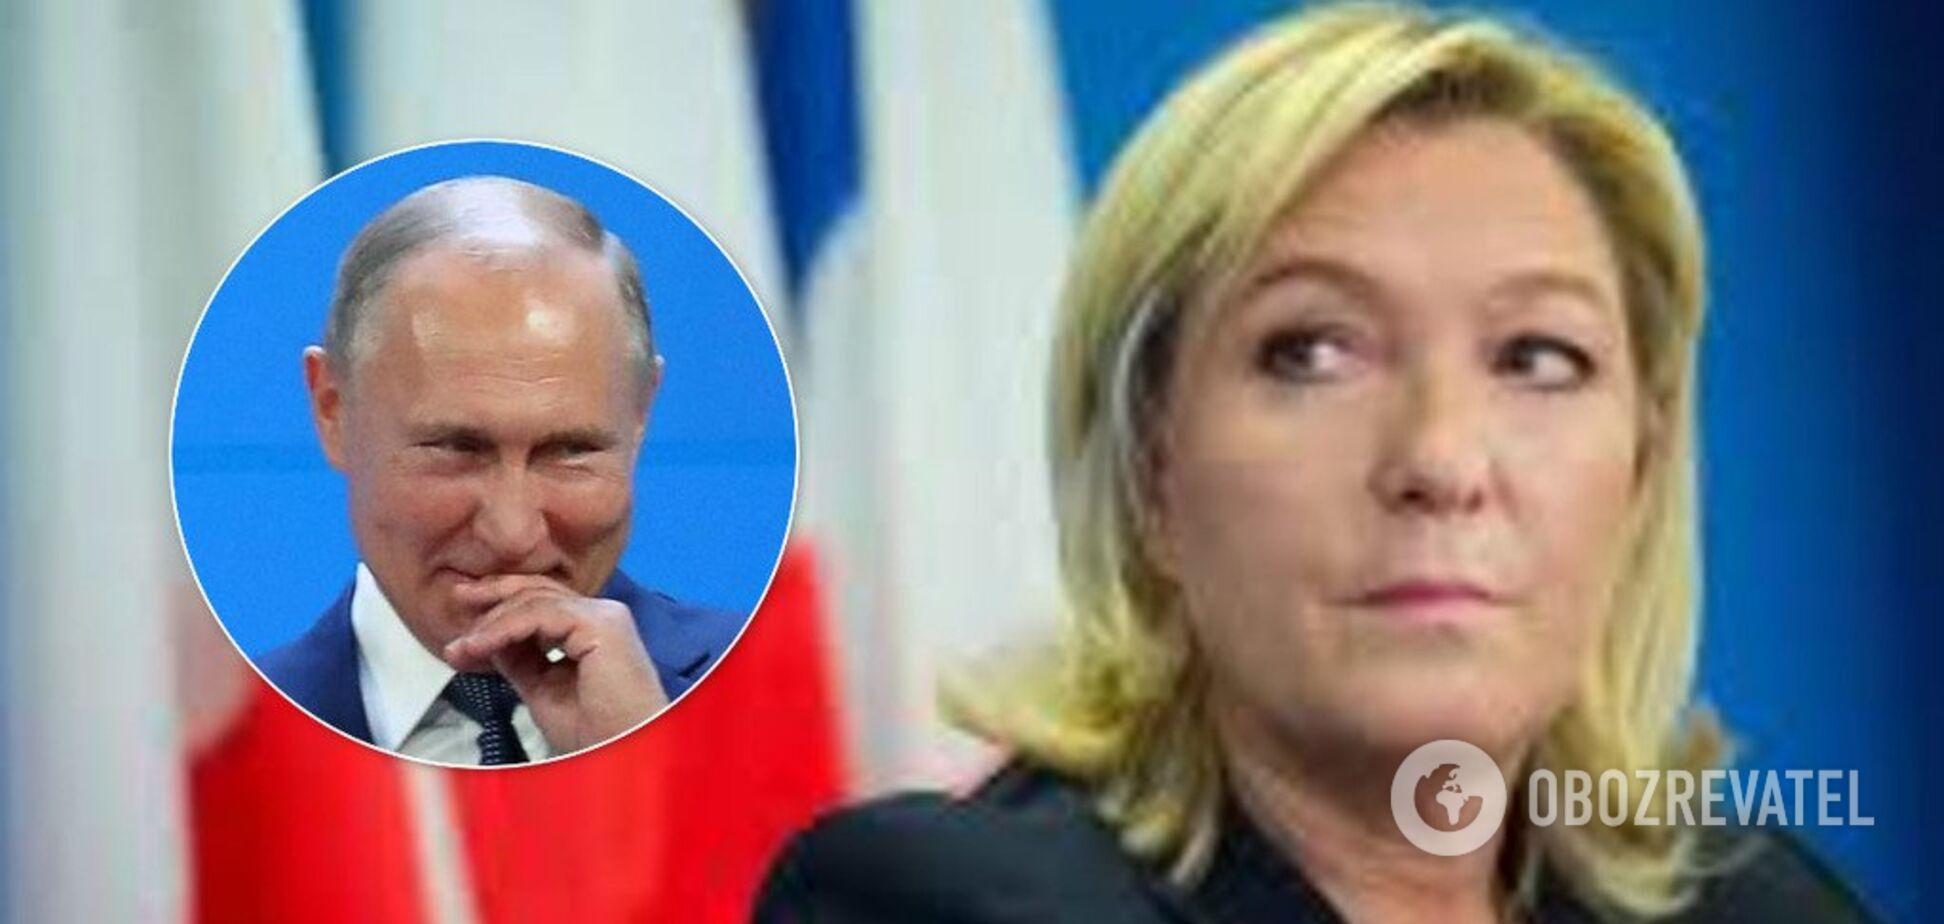 'Друзья' Путина побеждают на выборах в ключевой стране ЕС: что известно